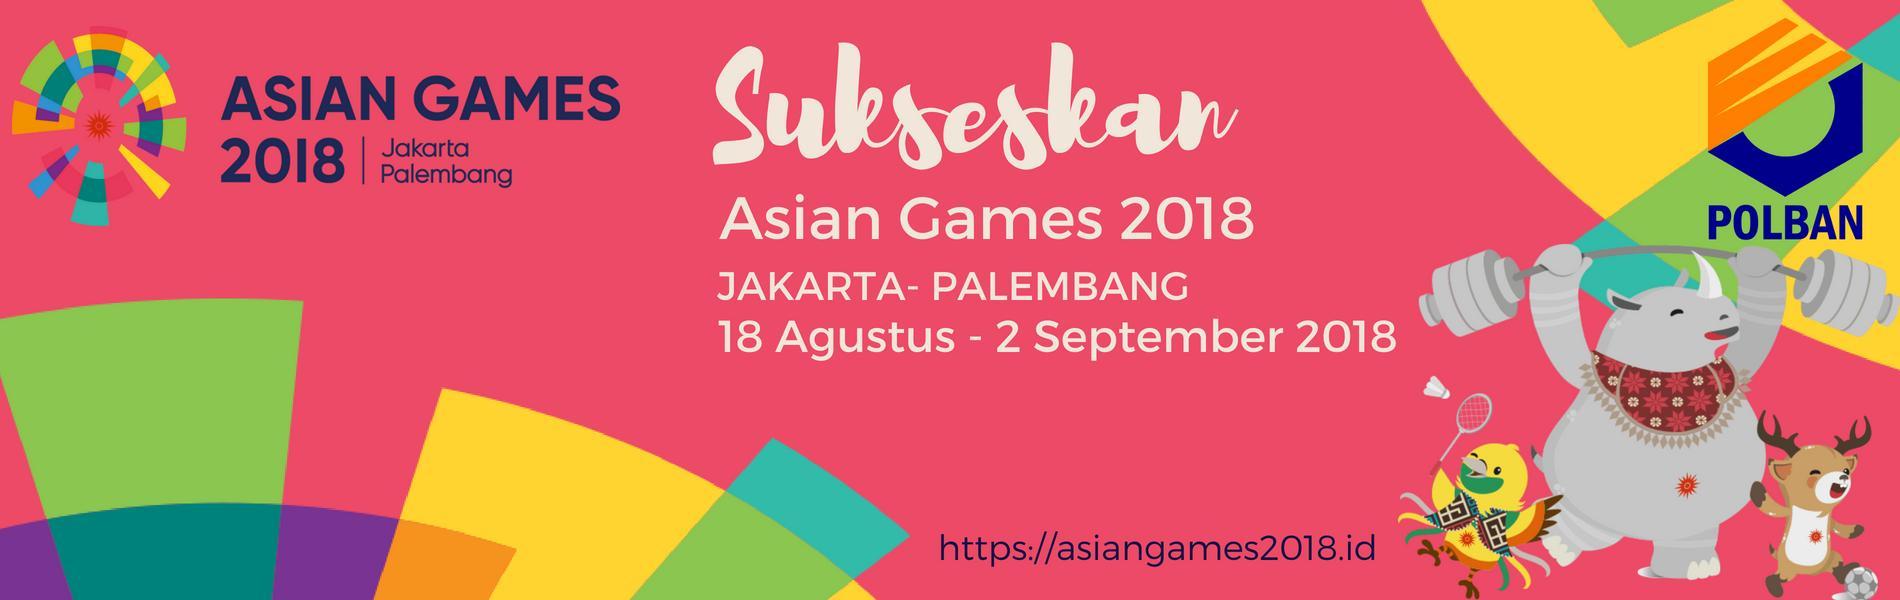 Sukseskan! ASIAN GAMES 2018